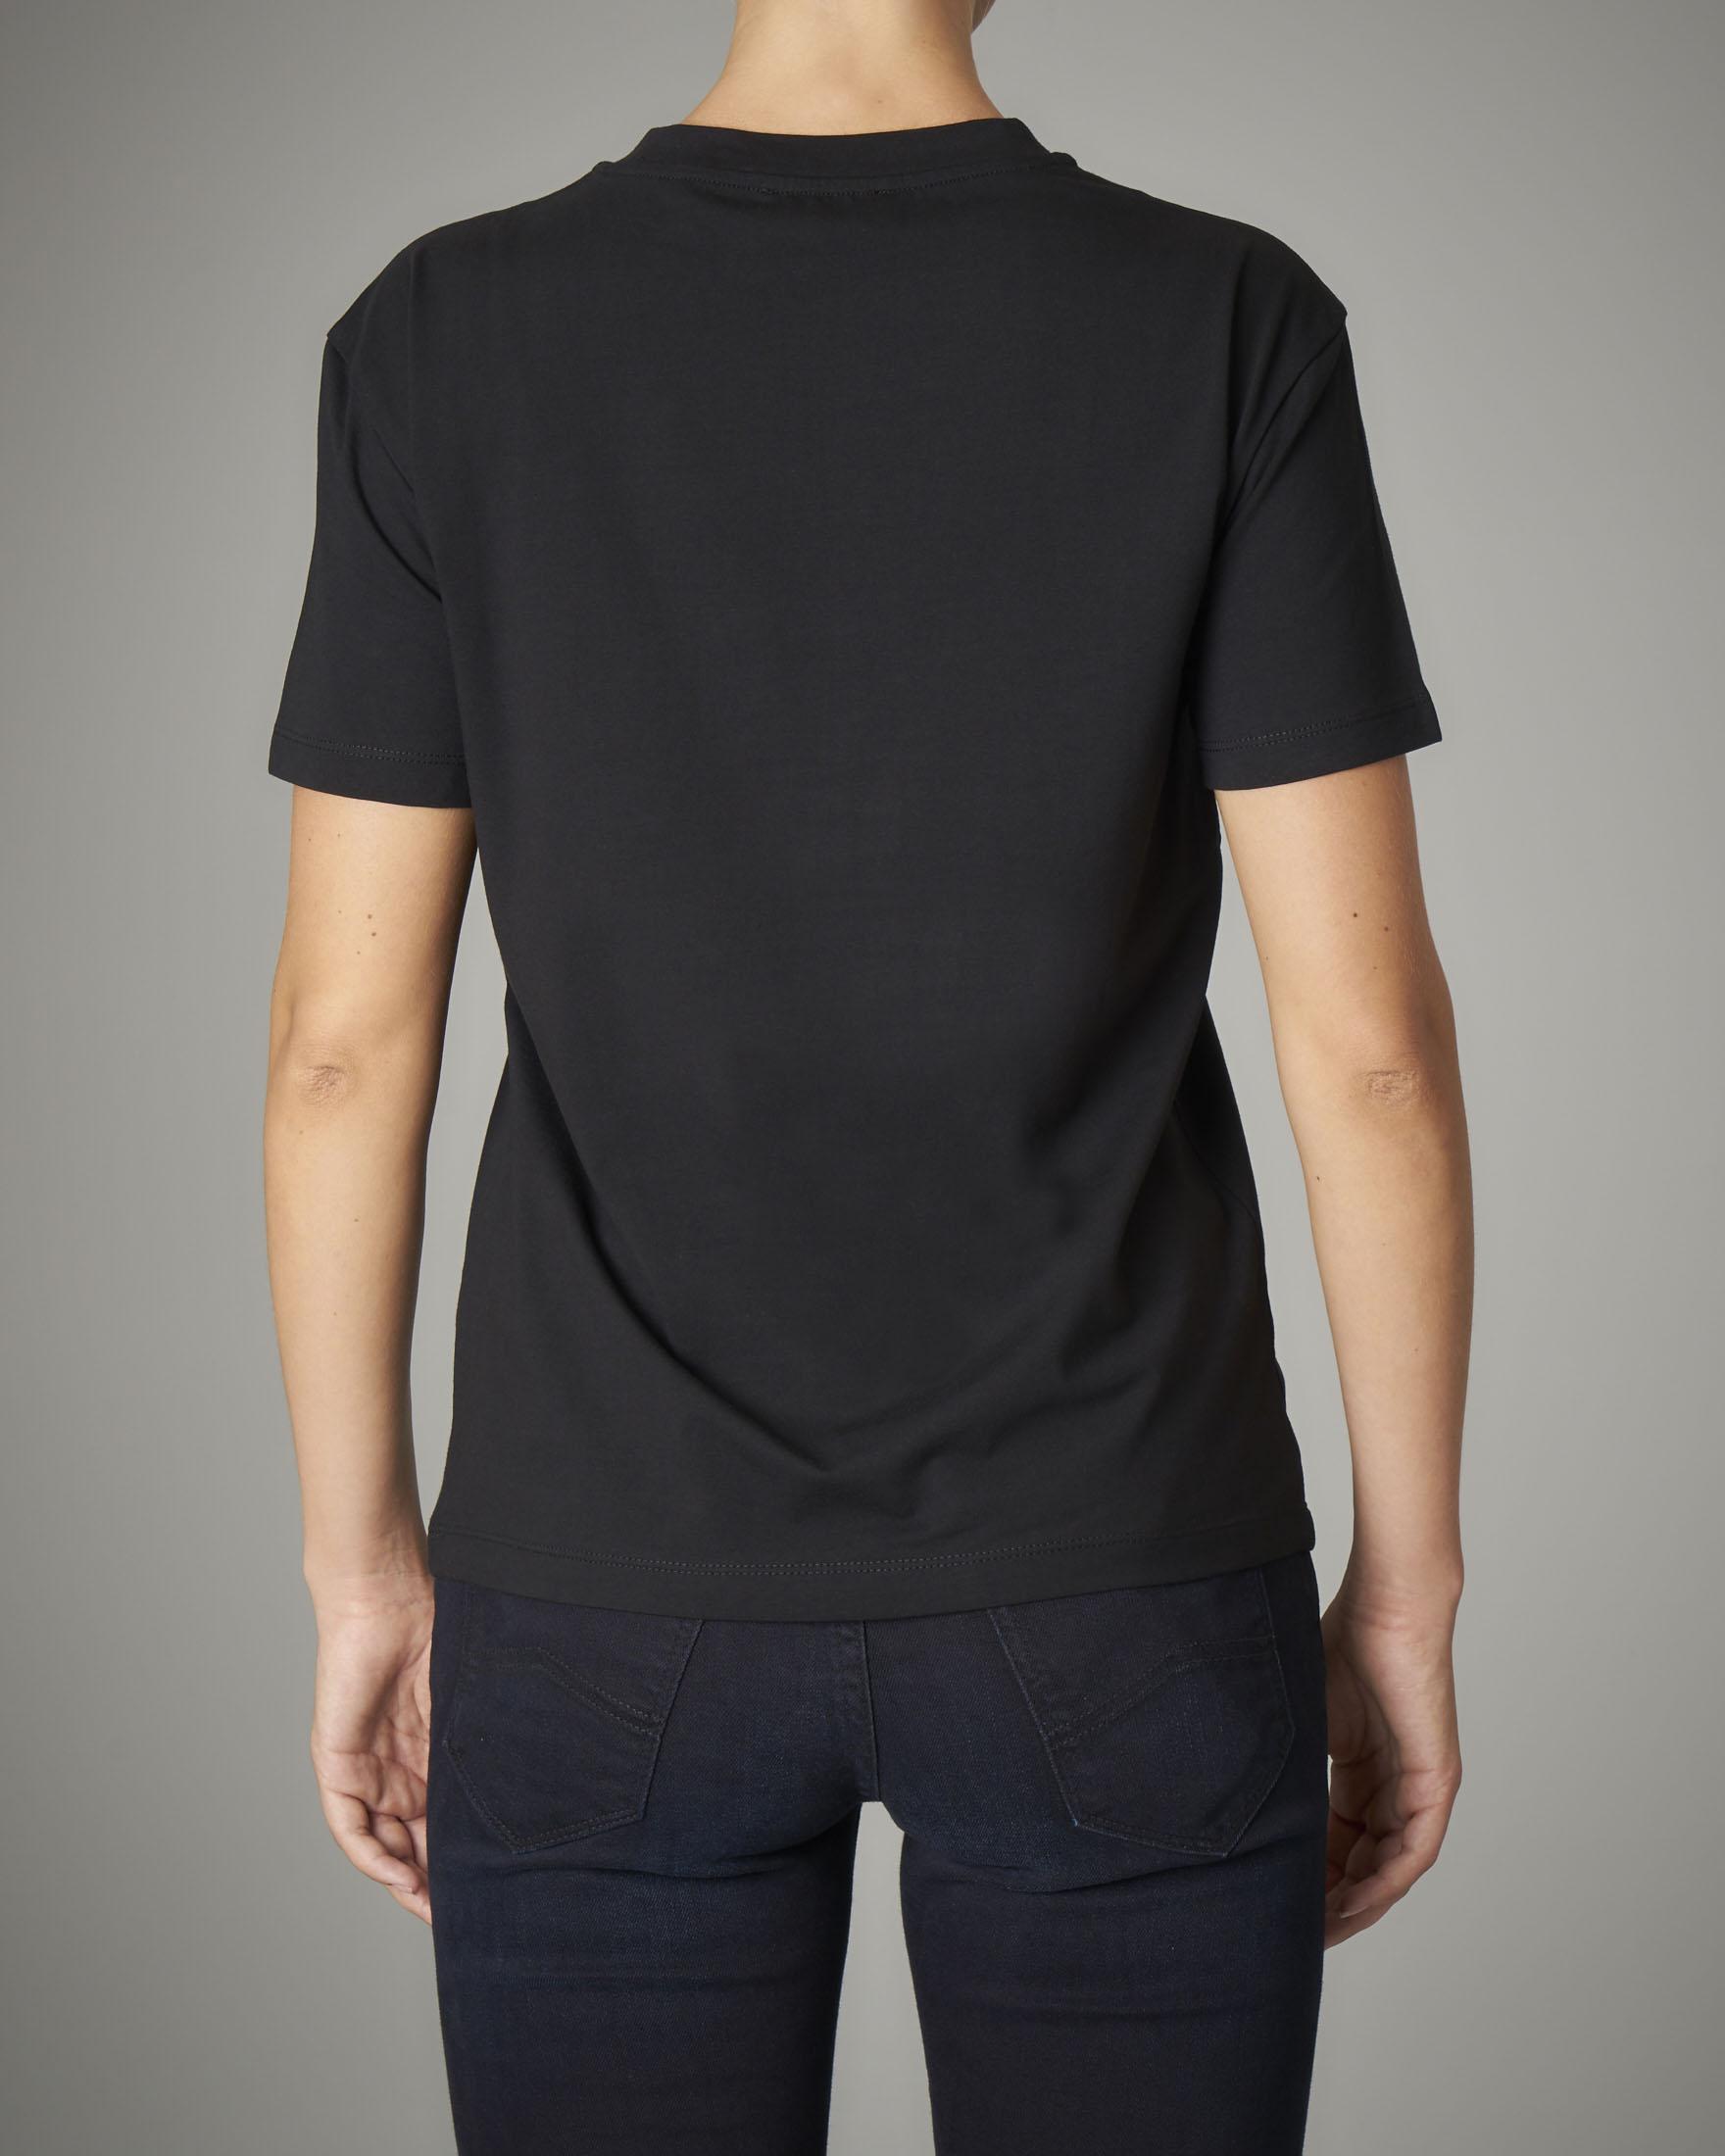 T-shirt girocollo nera con maxi logo ricamato